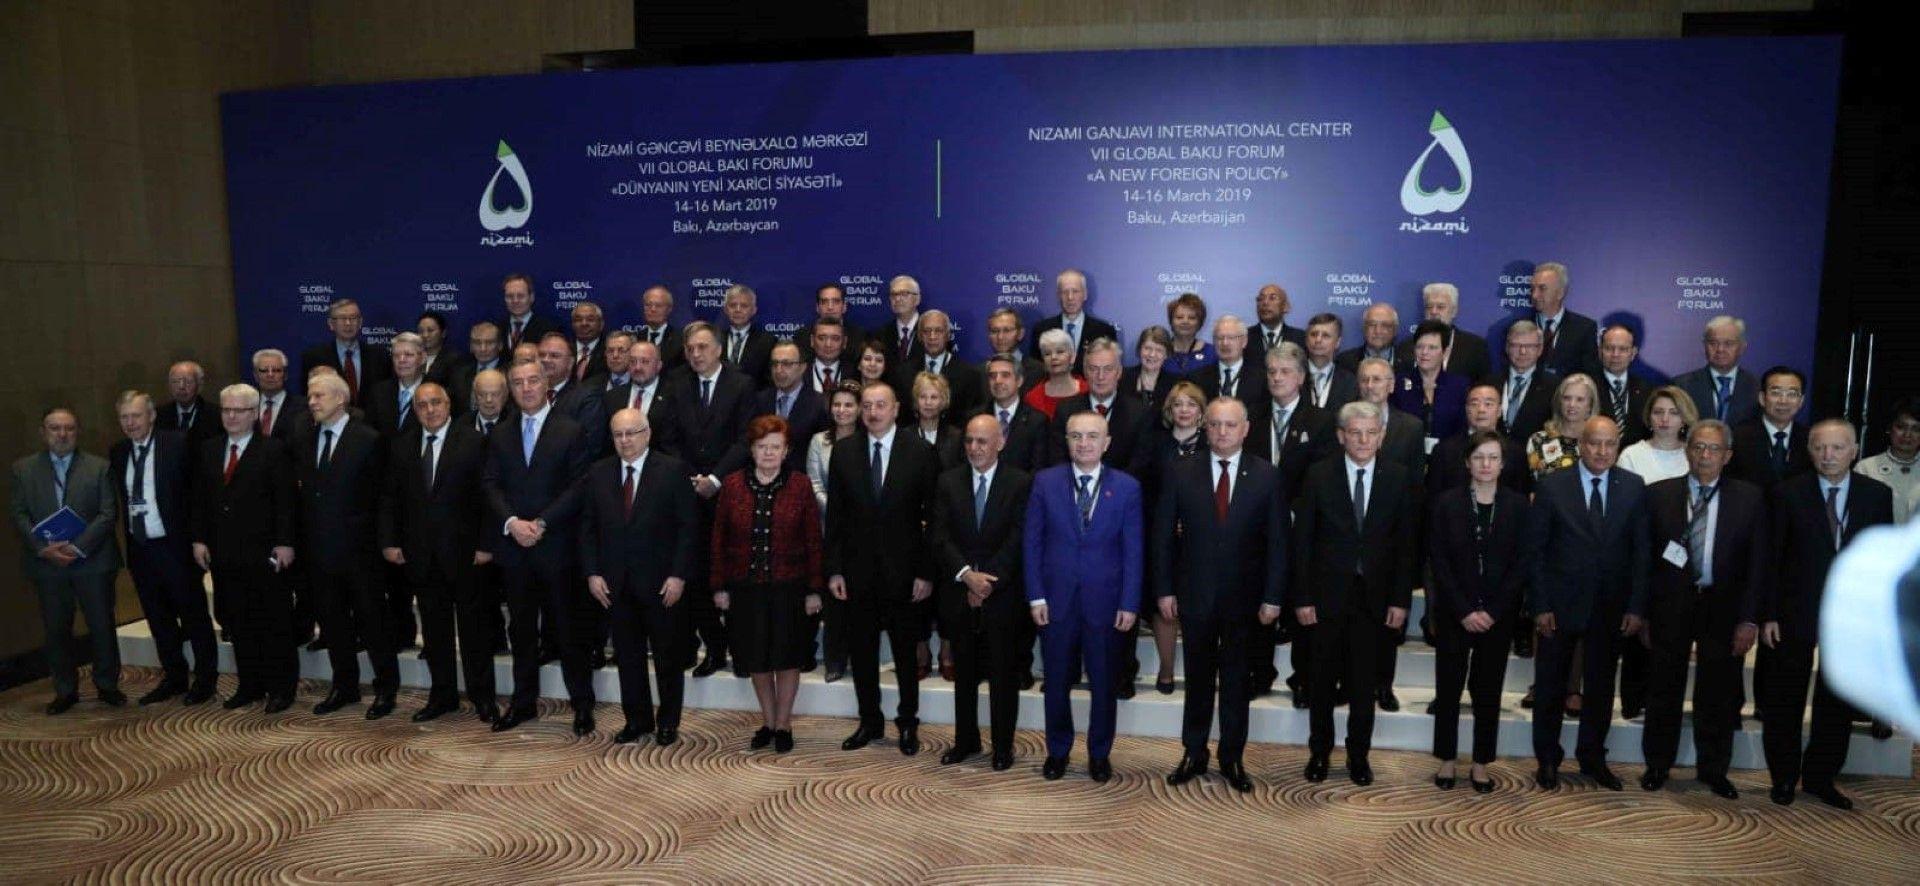 Участниците в глобалния форум в азербайджанската столица Баку - сред тях се виждат президентите Петър Стоянов и Росен Плевнелиев